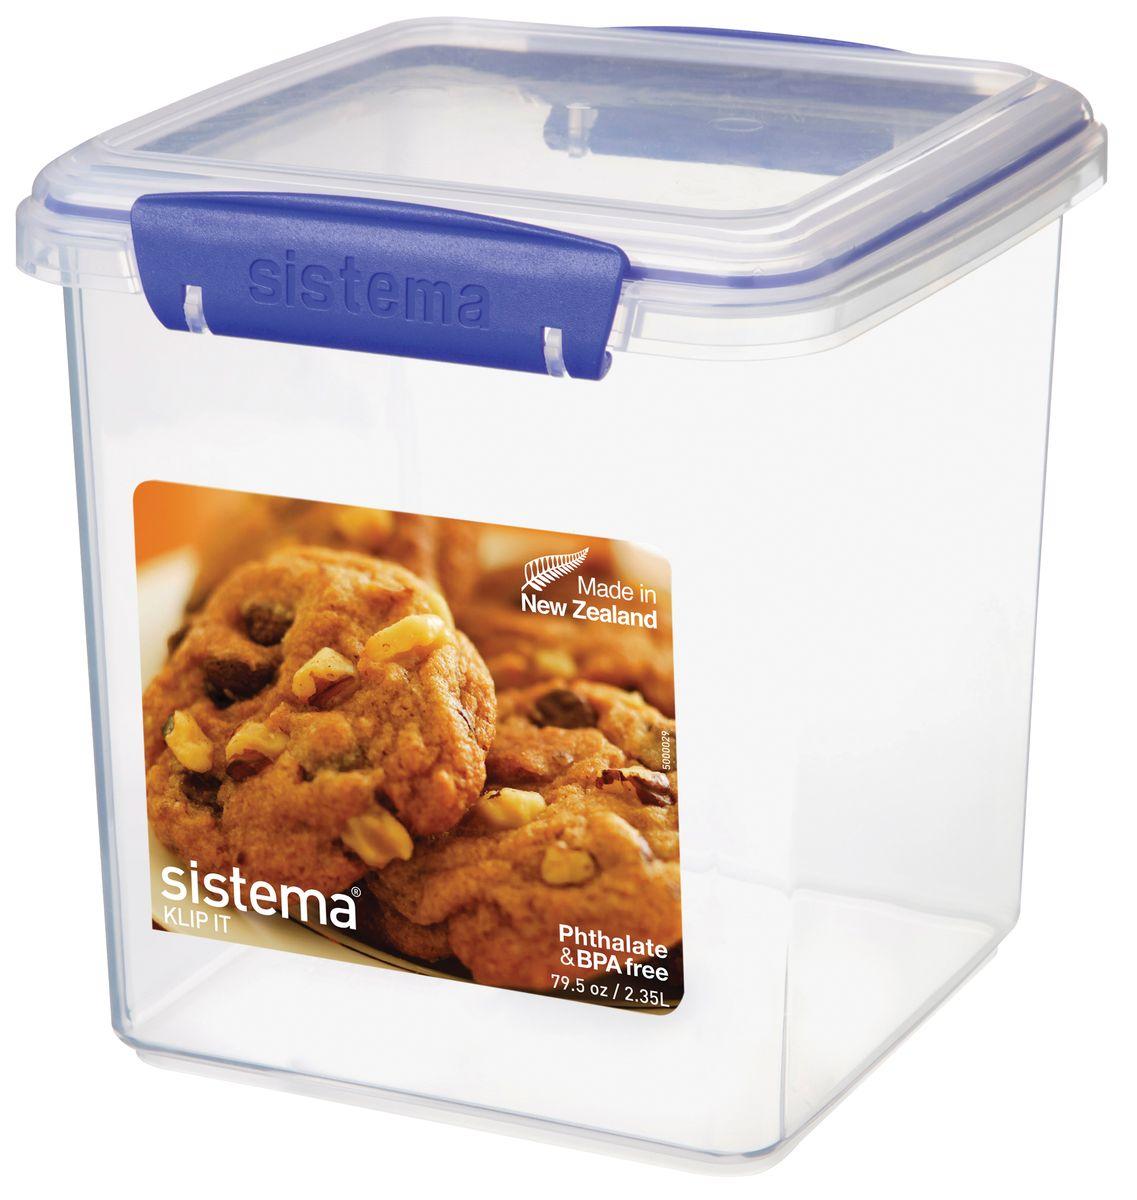 """Контейнер """"Klip It"""" предназначен для хранения печенья. Контейнеры вкладываются один в другой для экономии места при хранении. Крышка с силиконовой прокладкой герметично закрывается, что помогает дольше сохранить полезные свойства продуктов. Контейнер надежно закрывается клипсами, которые при необходимости можно заменить.Можно мыть в посудомоечной машине."""